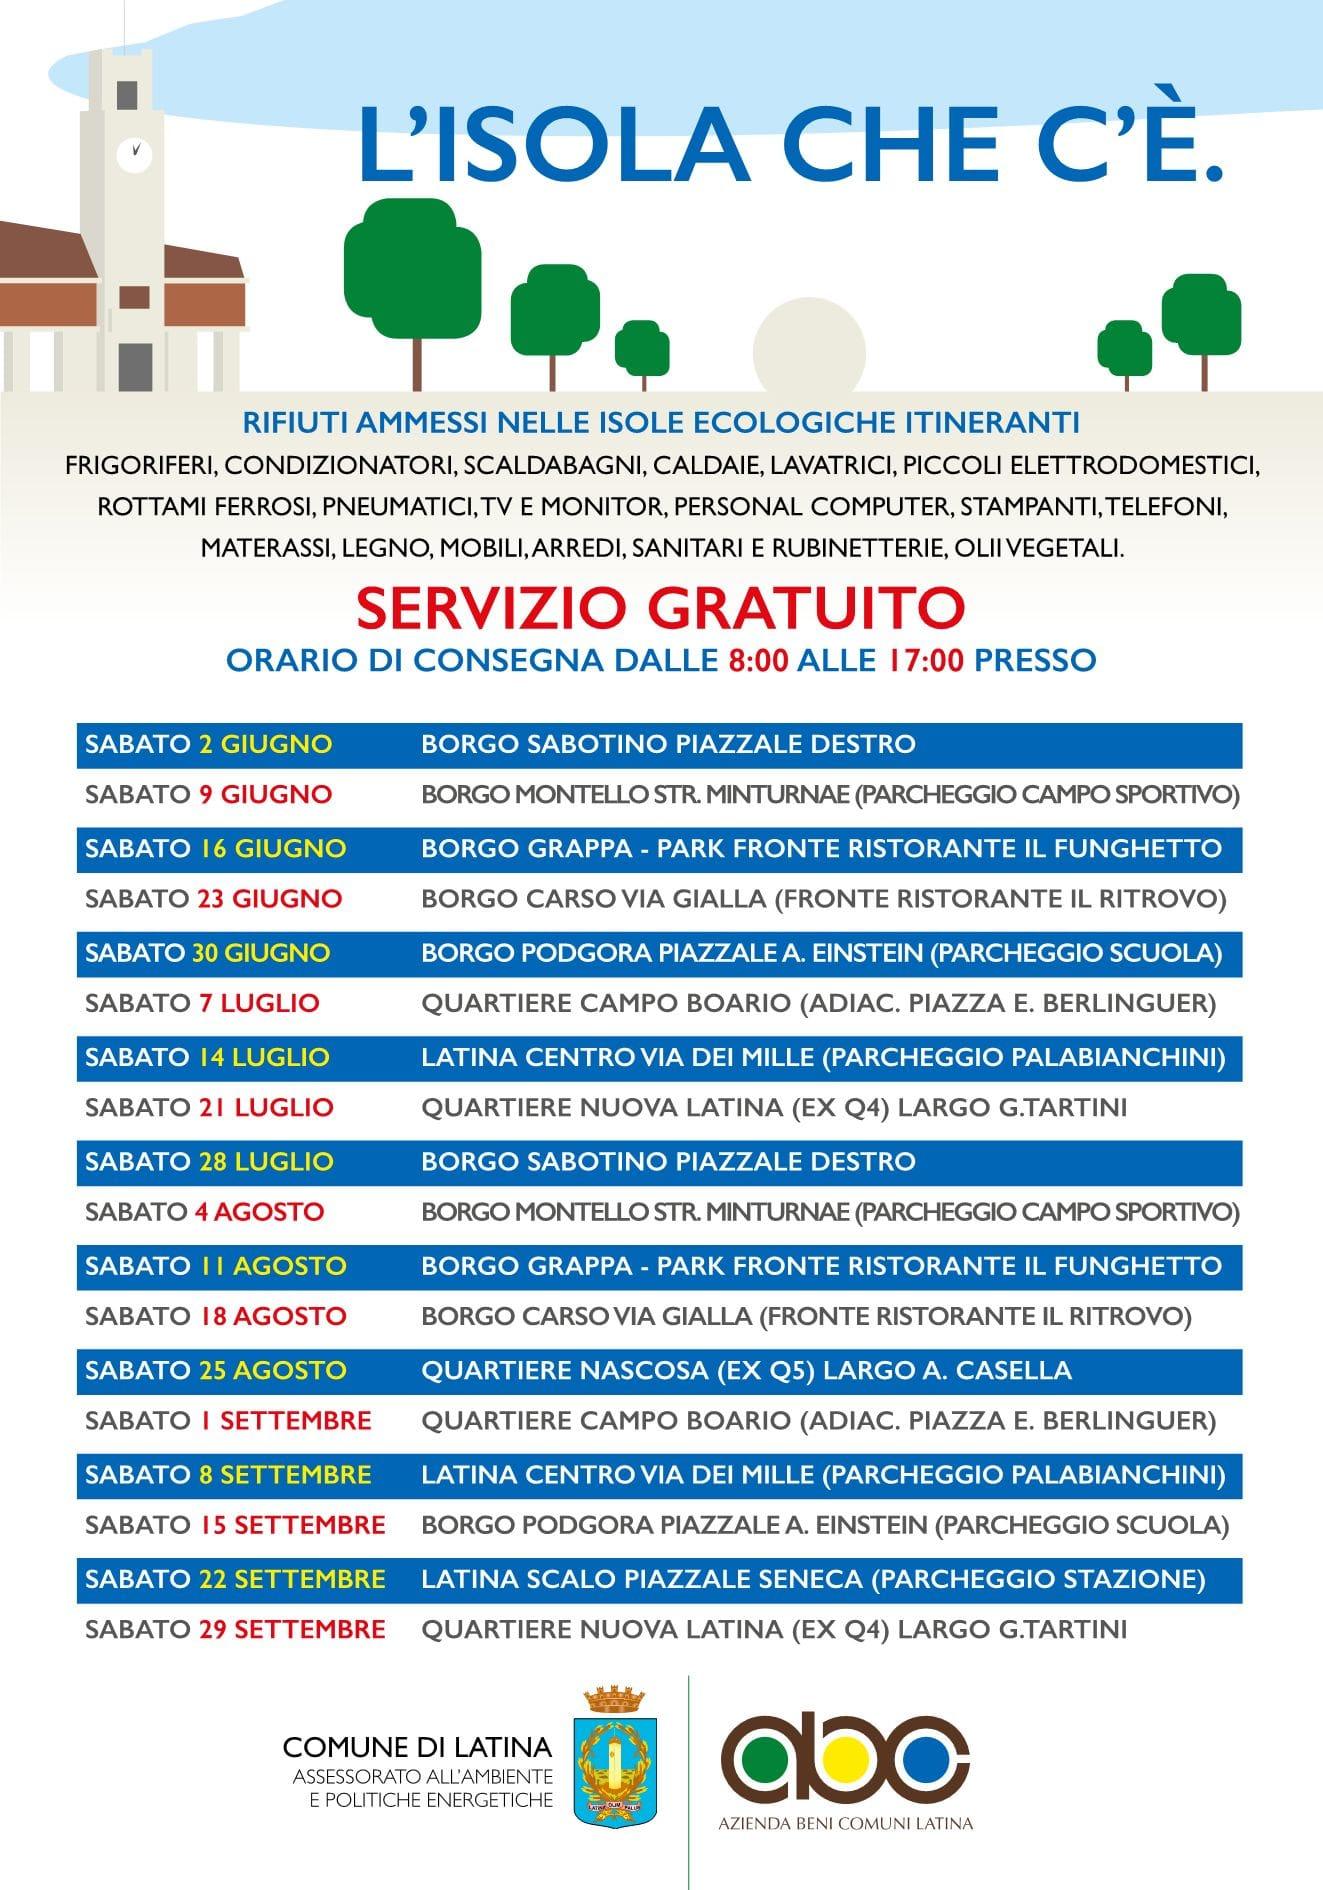 Raccolta Rifiuti Ingombranti Roma Calendario 2020.Rifiuti Tornano Le Isole Ecologiche Itineranti Calendario